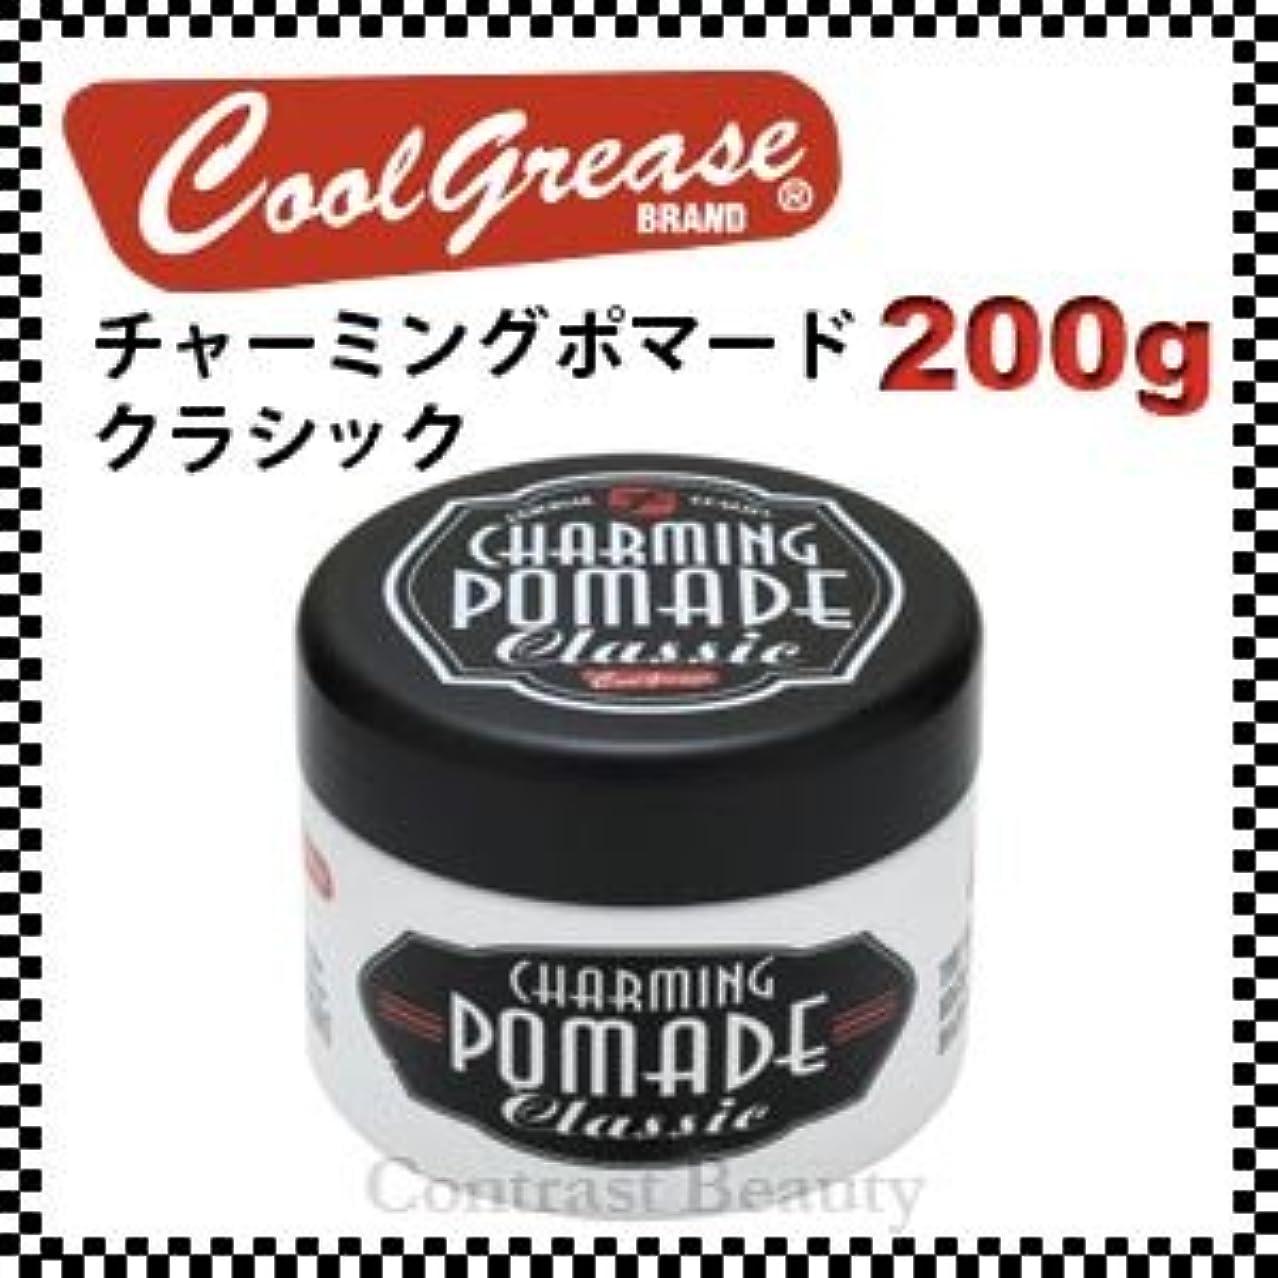 料理世代しばしば【X2個セット】 阪本高生堂 チャーミングポマード クラシック 200g